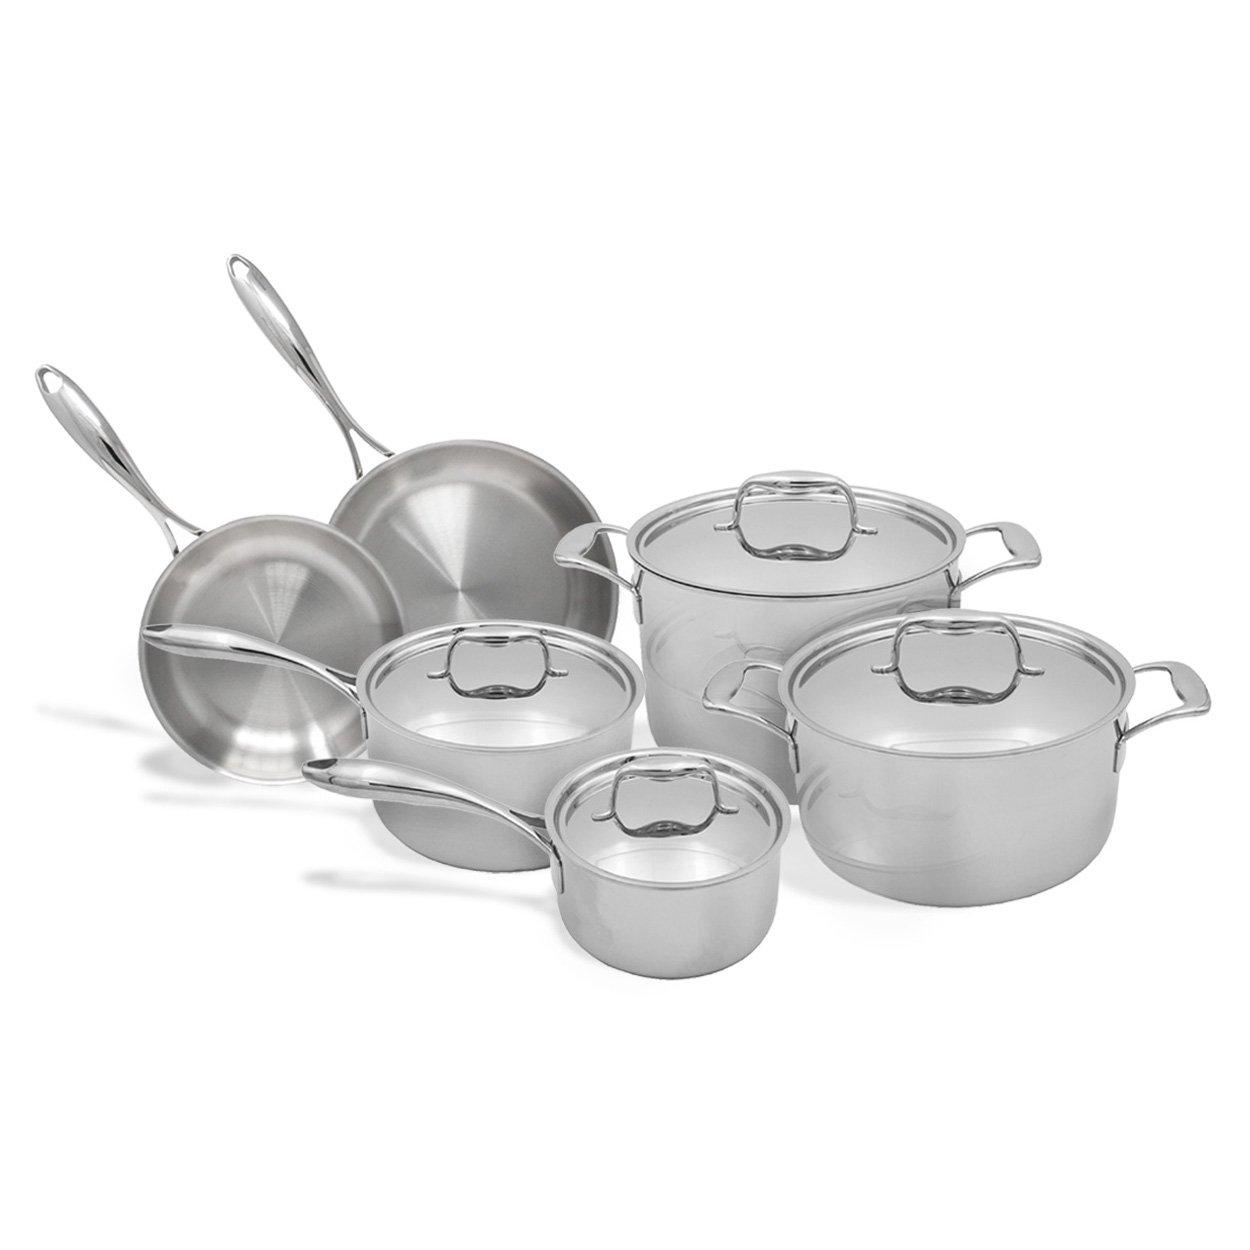 Tuxton Home Duratux 10-Piece Set Tri-Ply Cookware